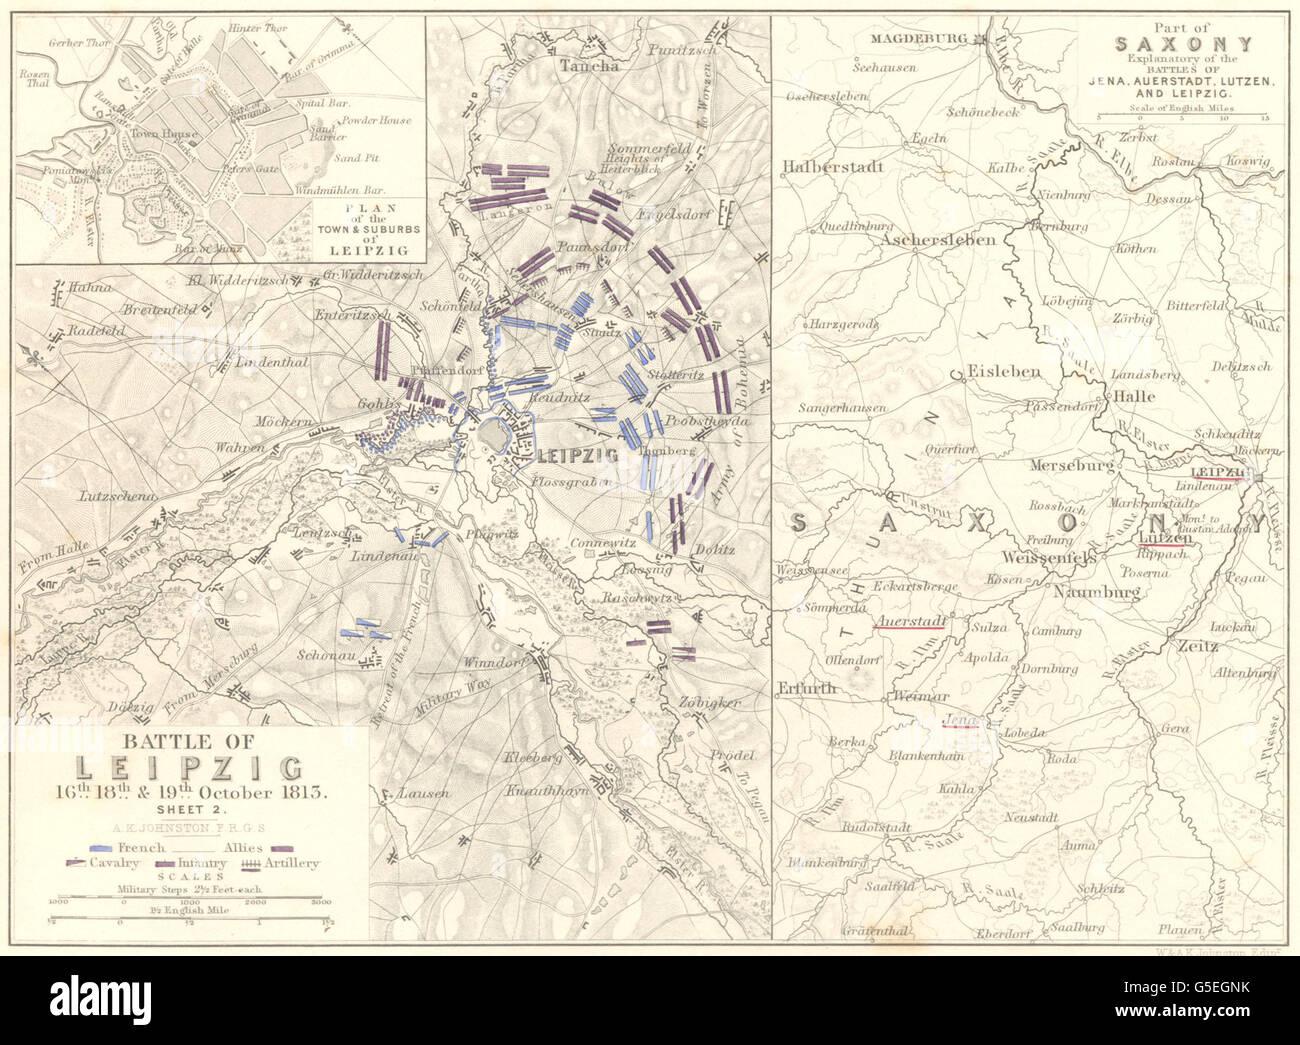 Leipzig Karte Sachsen.Volkerschlacht Bei Leipzig 16 19 Oktober 1813 Blatt 2